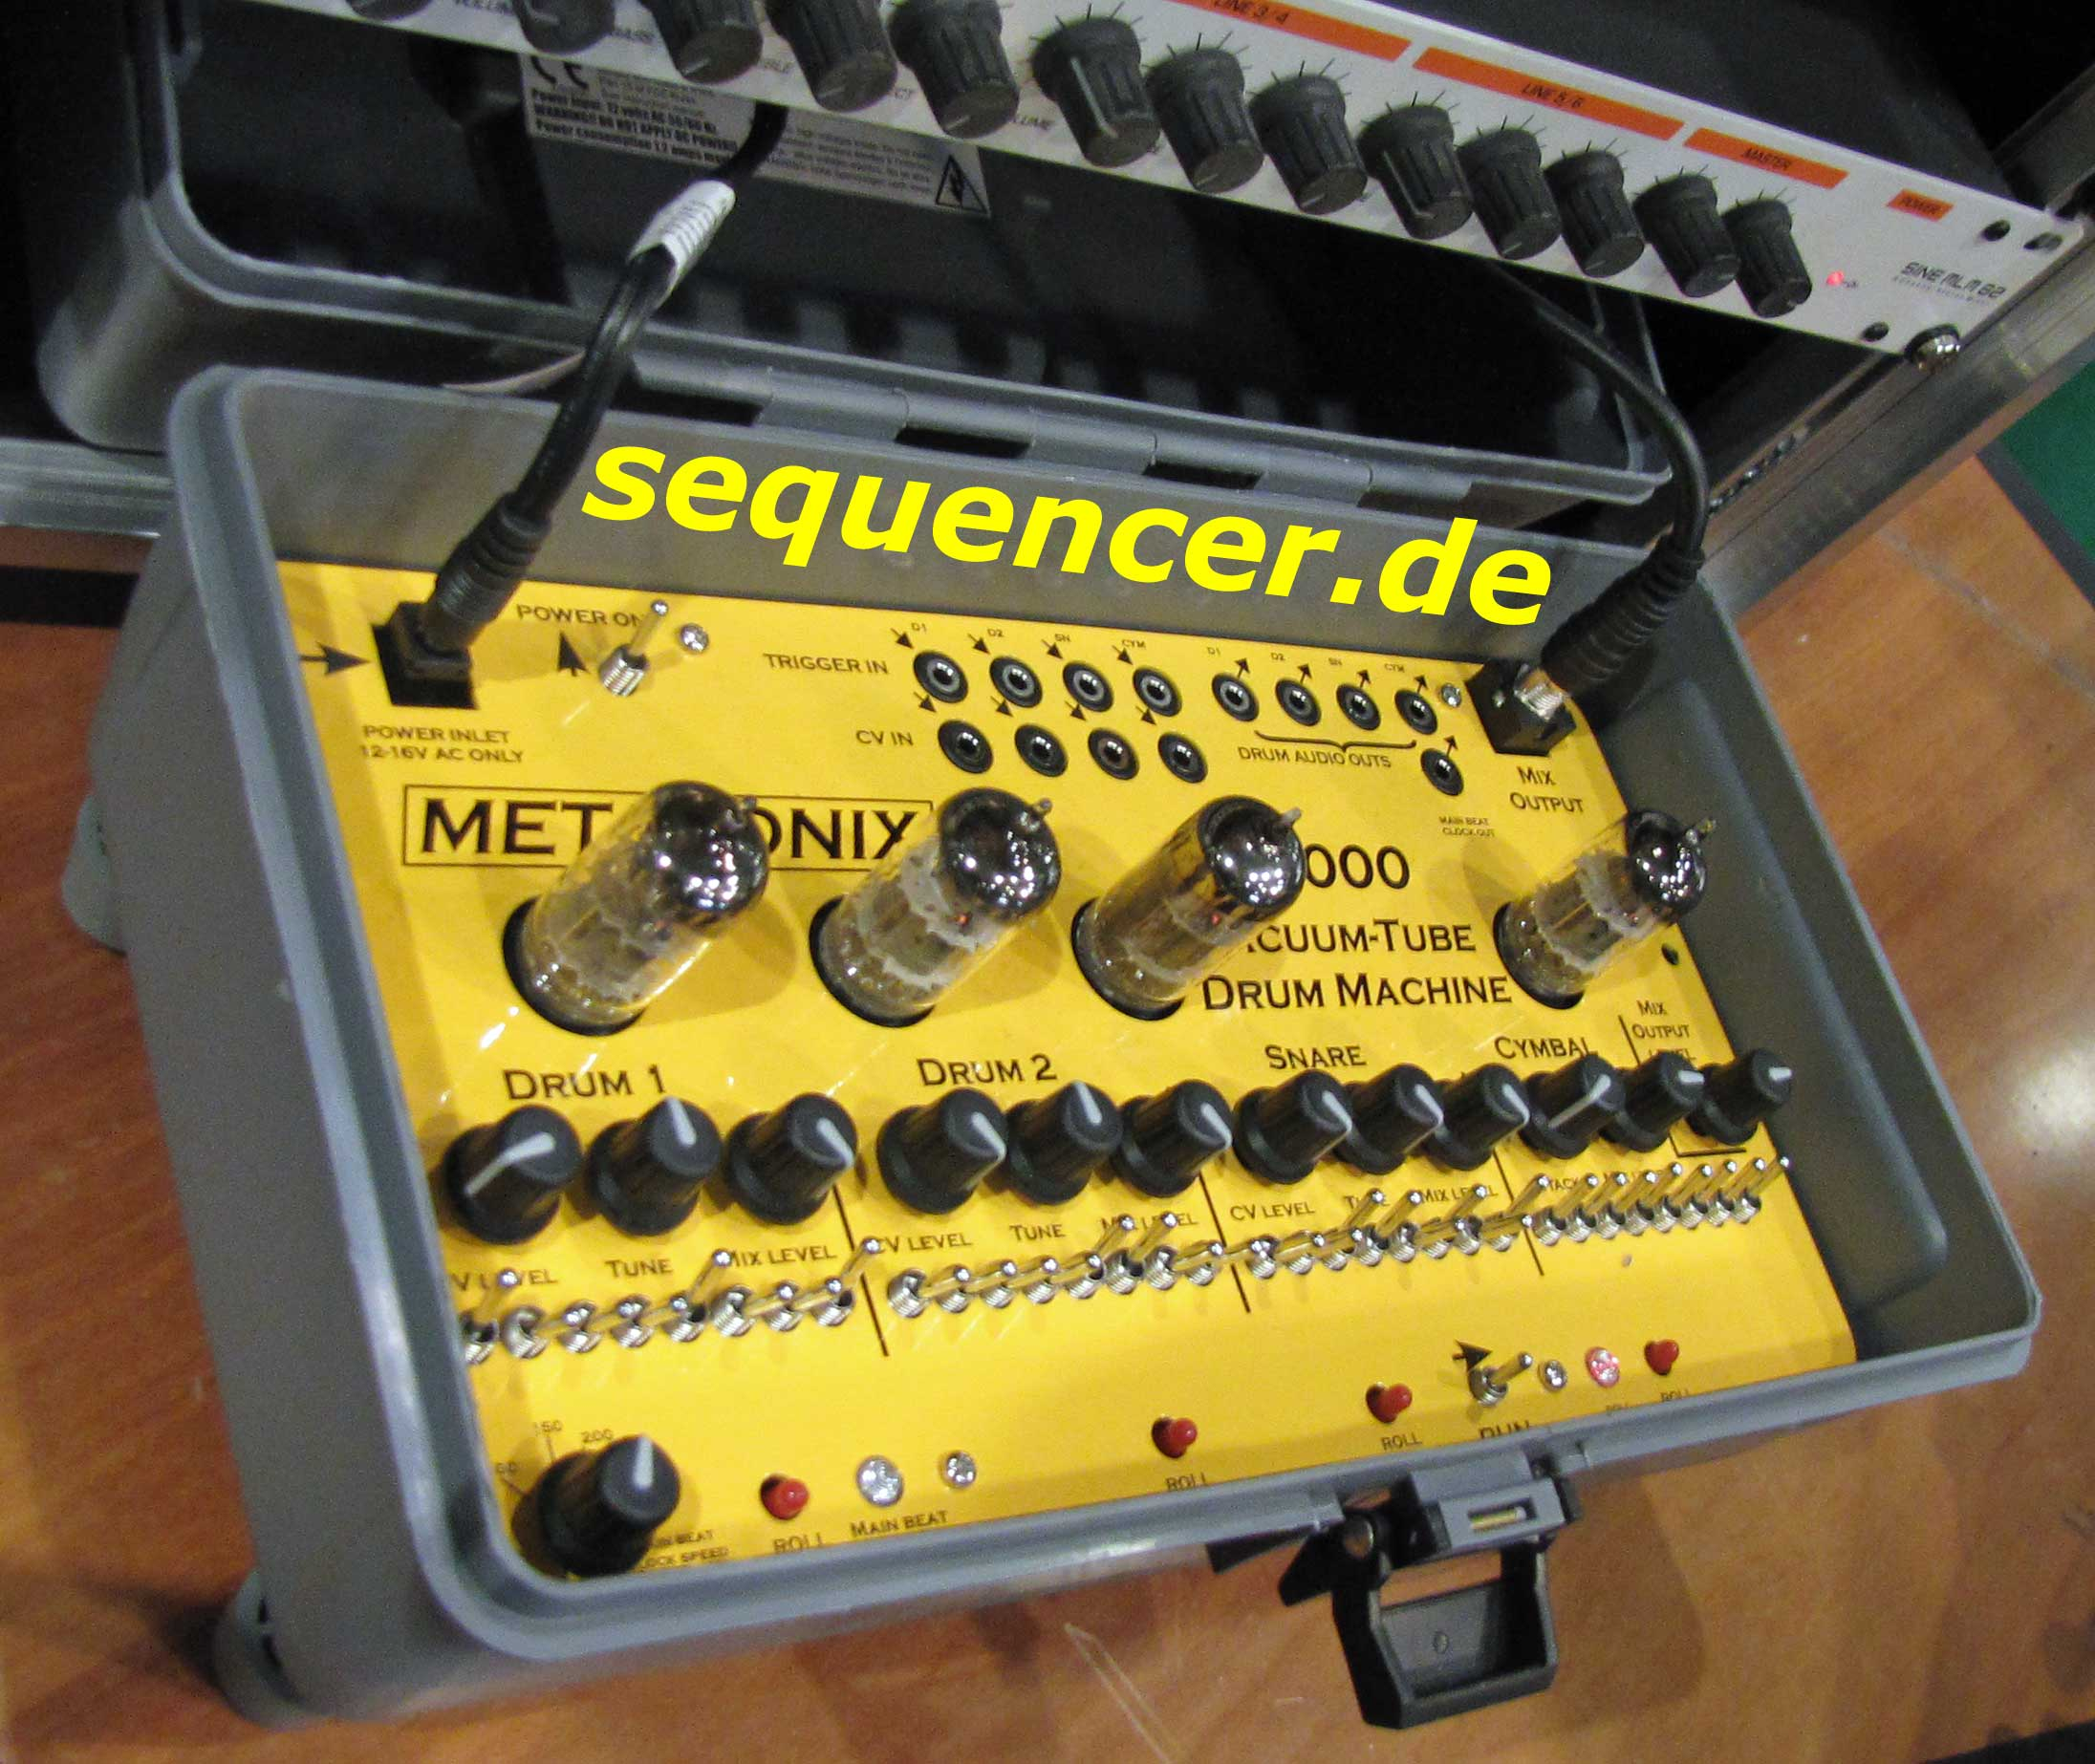 Metasonix D1000, Vacuum Tube Drum Machine synthesizer